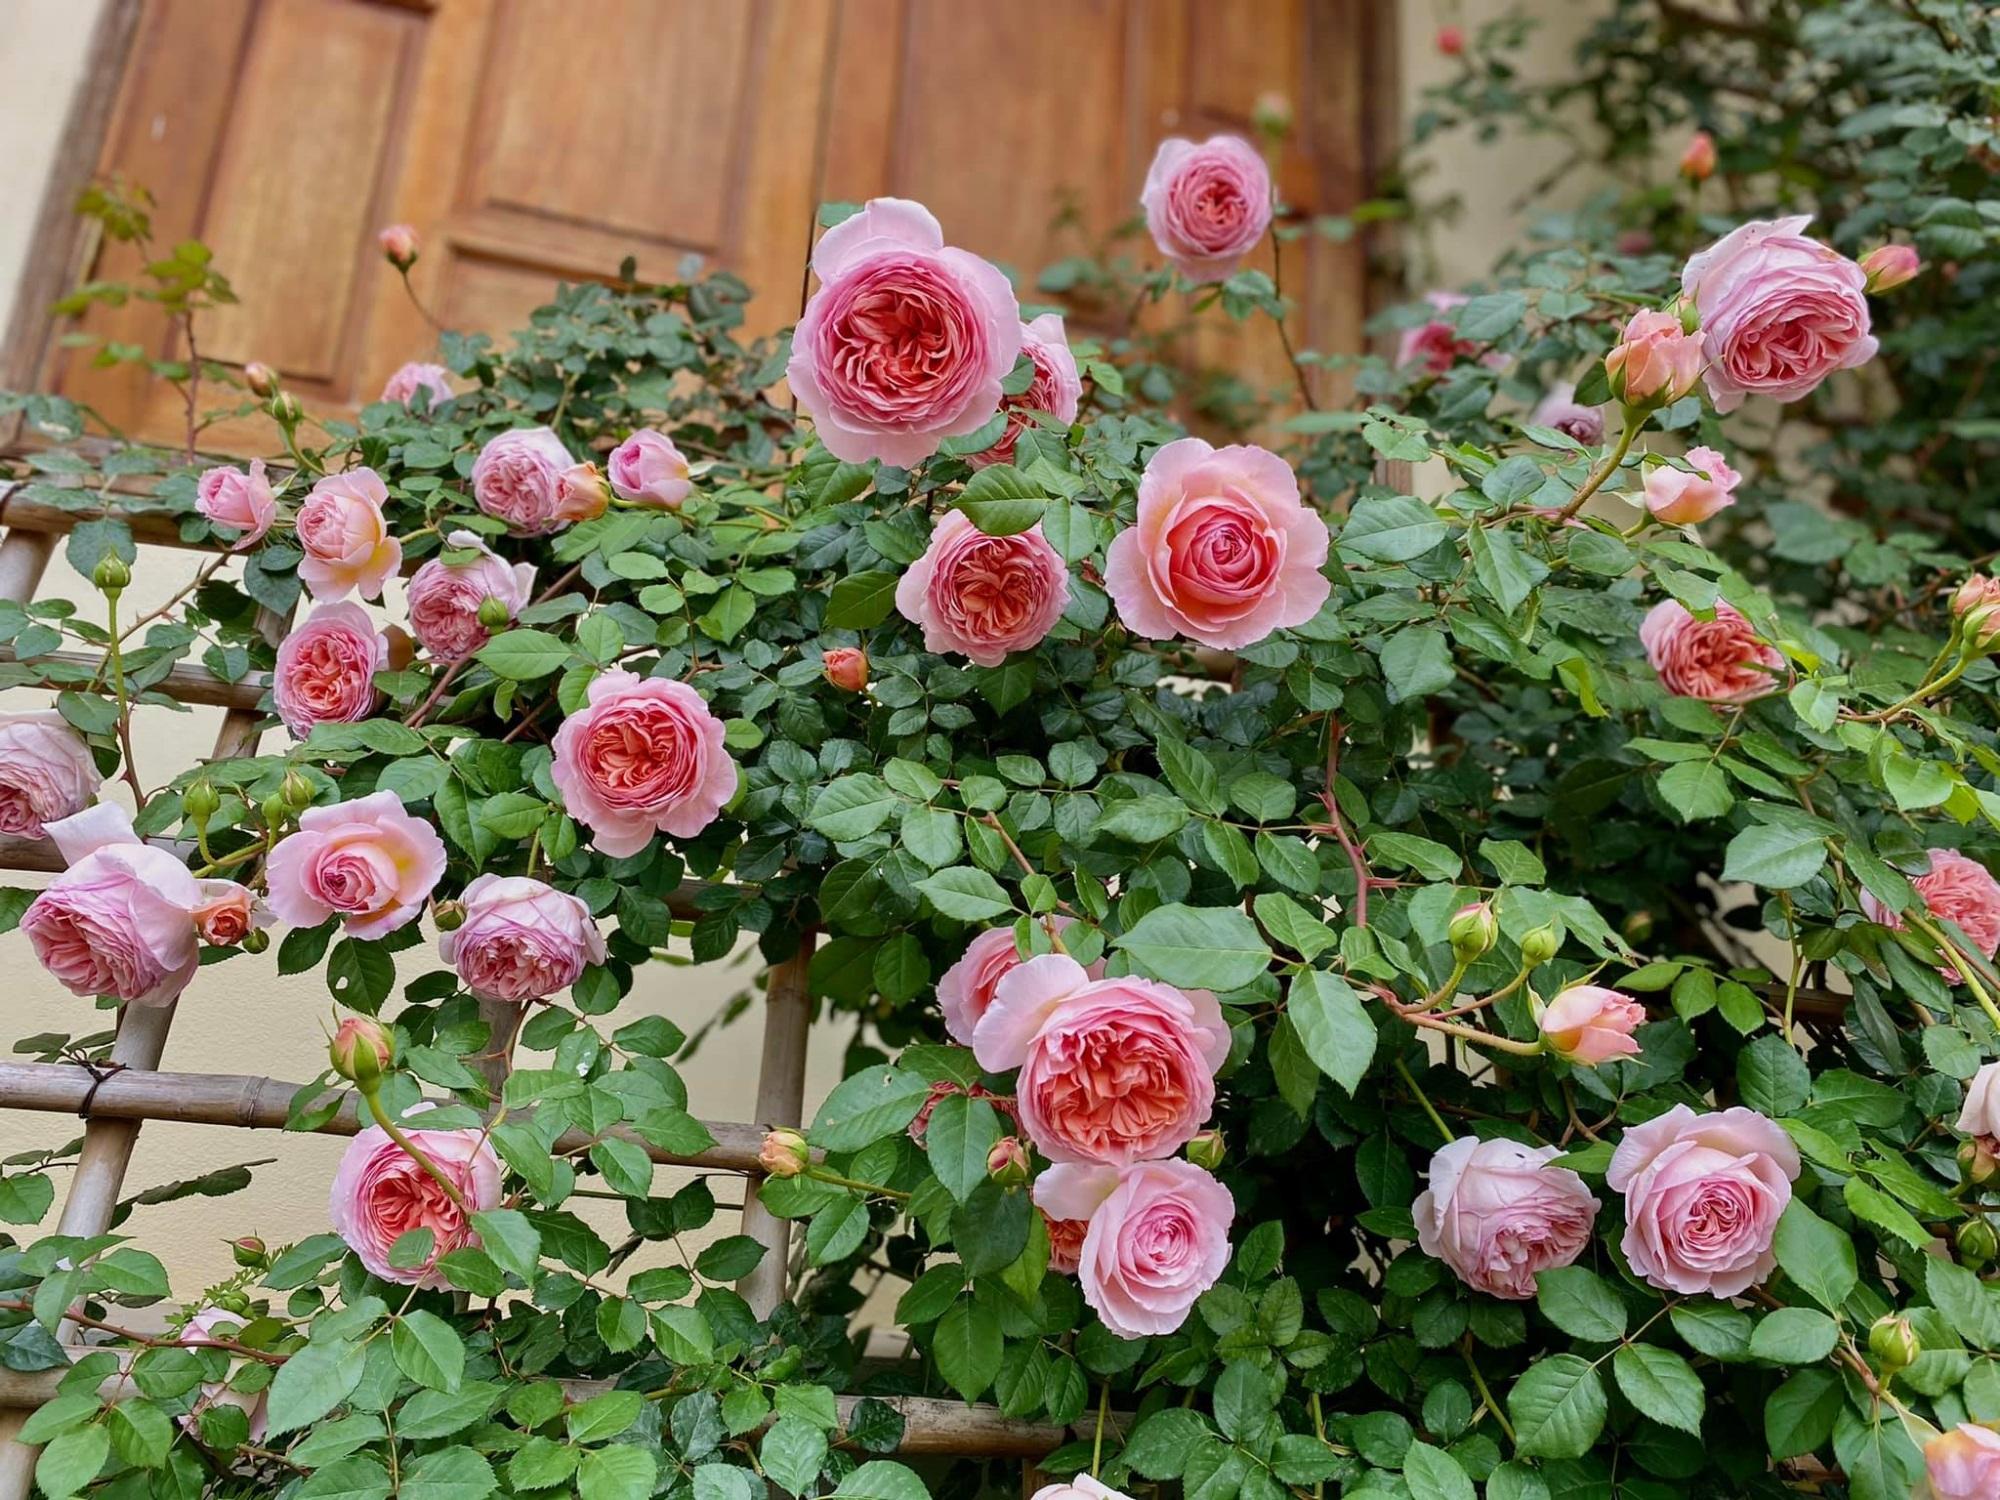 Bí quyết cực dễ để chăm giàn hồng leo nở hoa ngút ngàn, đẹp như trời tây - Ảnh 2